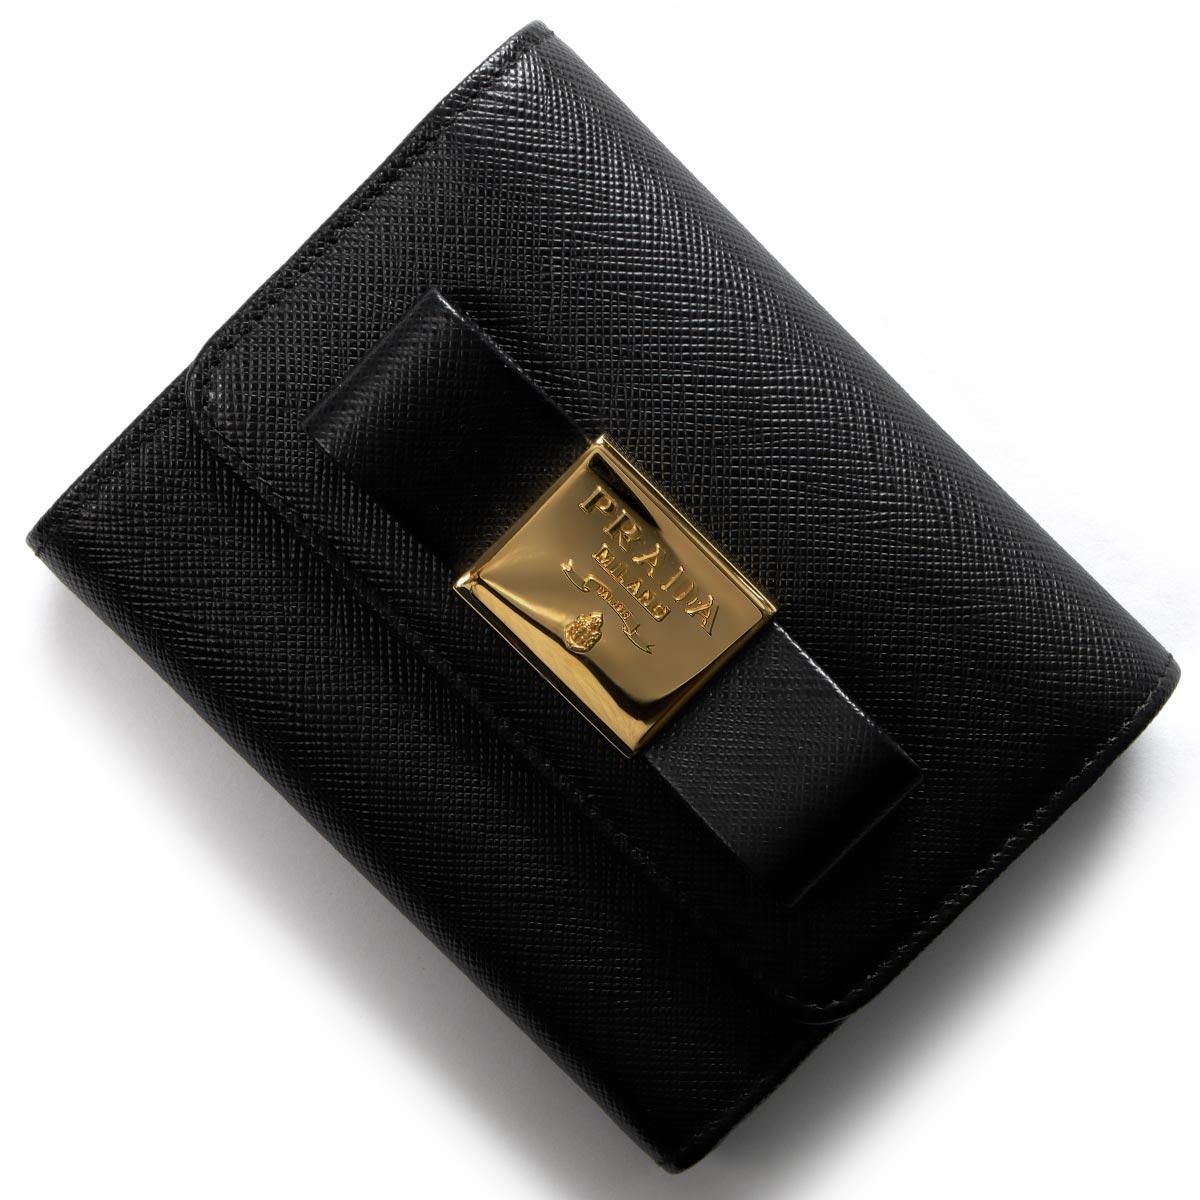 1a9cc4fb66d4 1,000円OFFクーポン対象】プラダ 三つ折り財布 財布 レディース ...